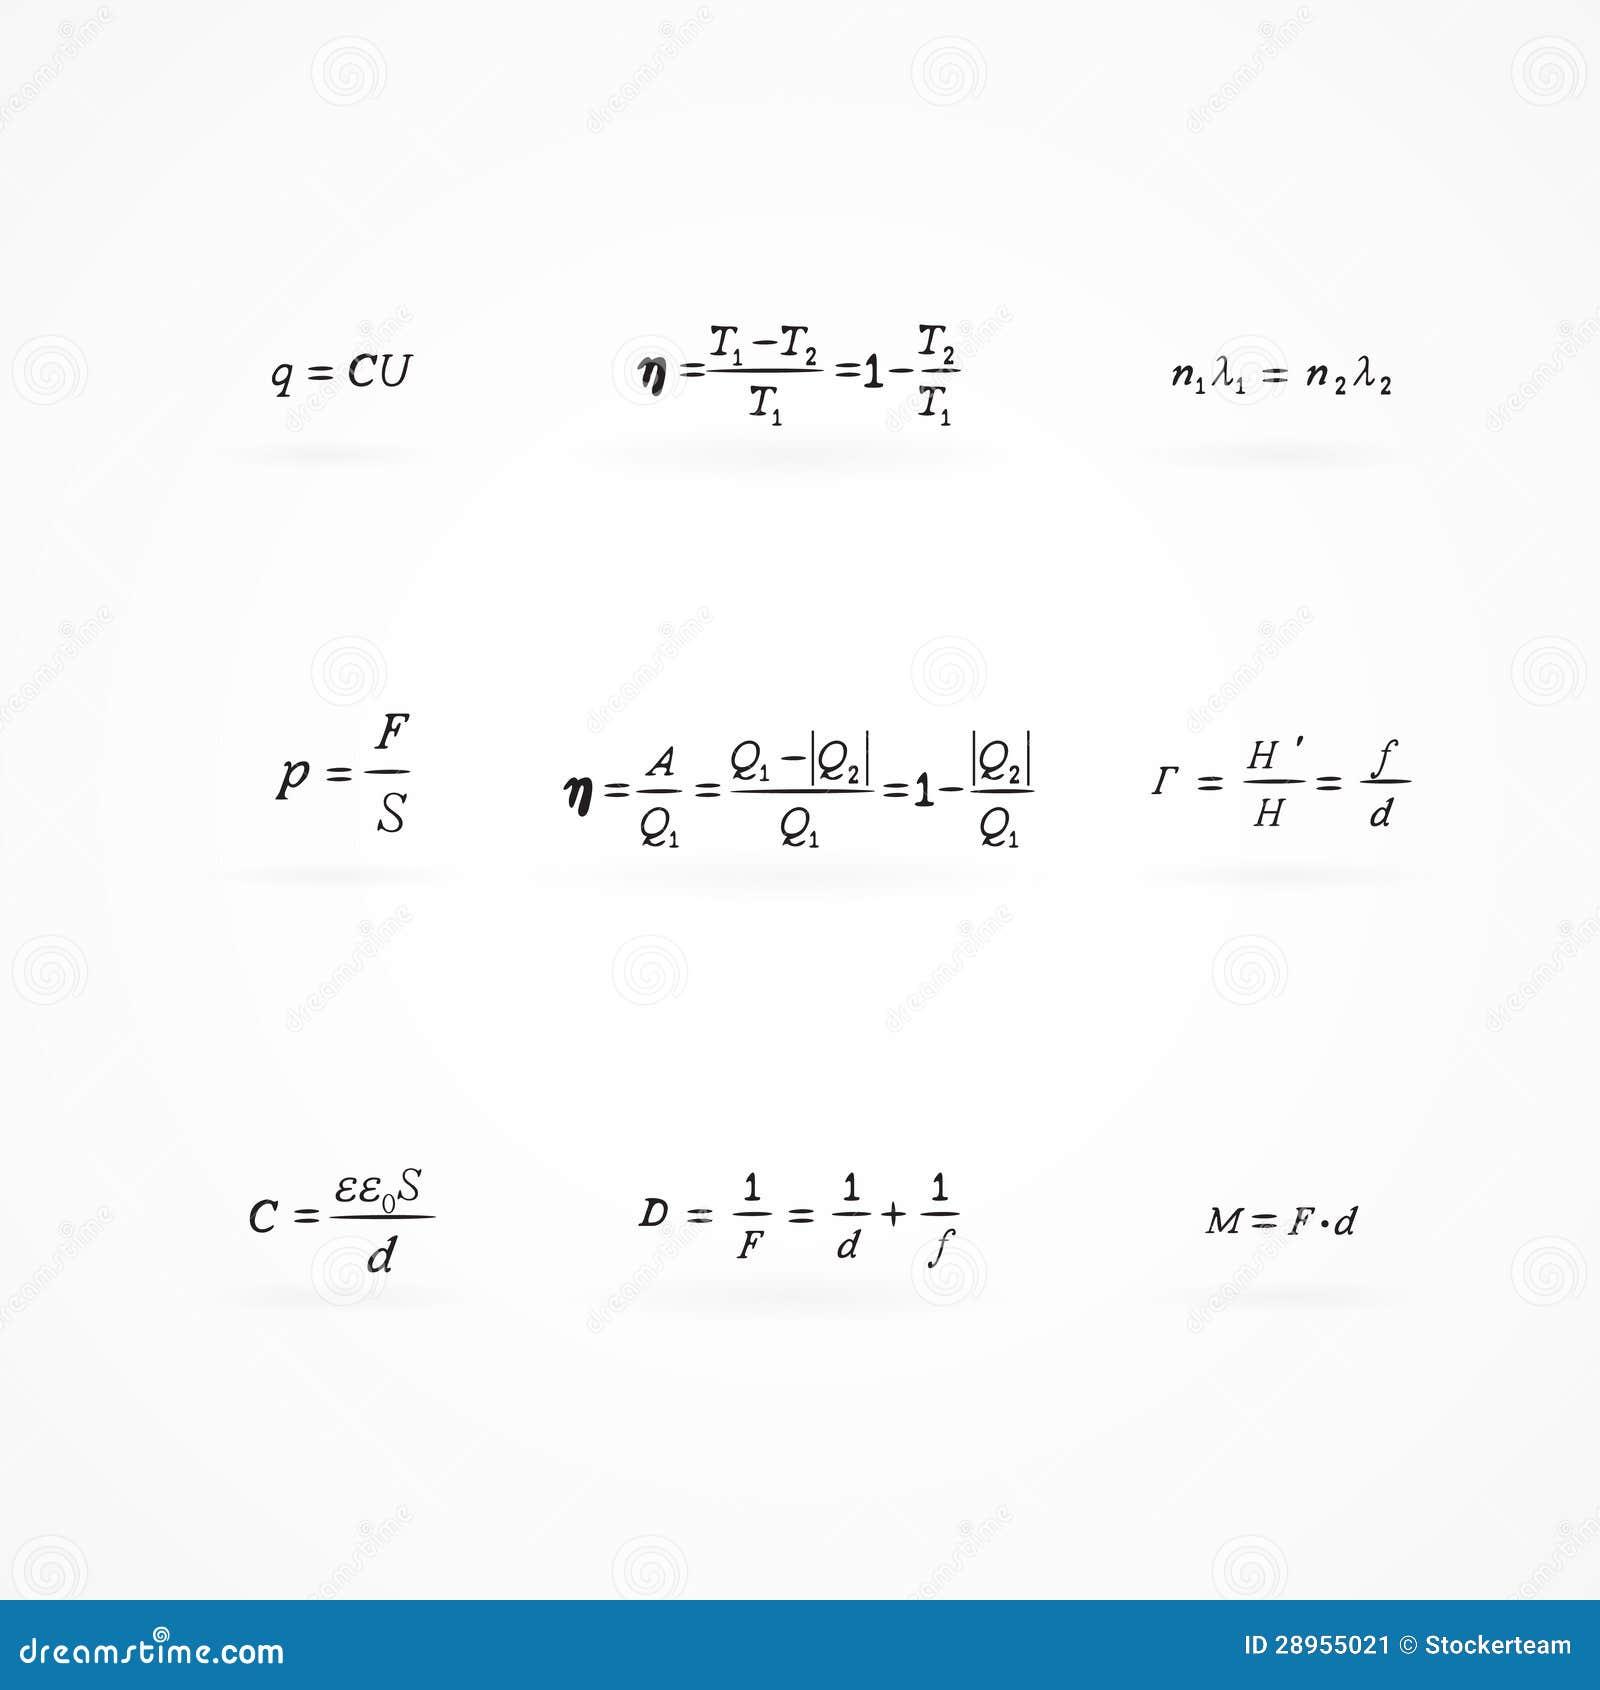 Tło z równaniami i formułami